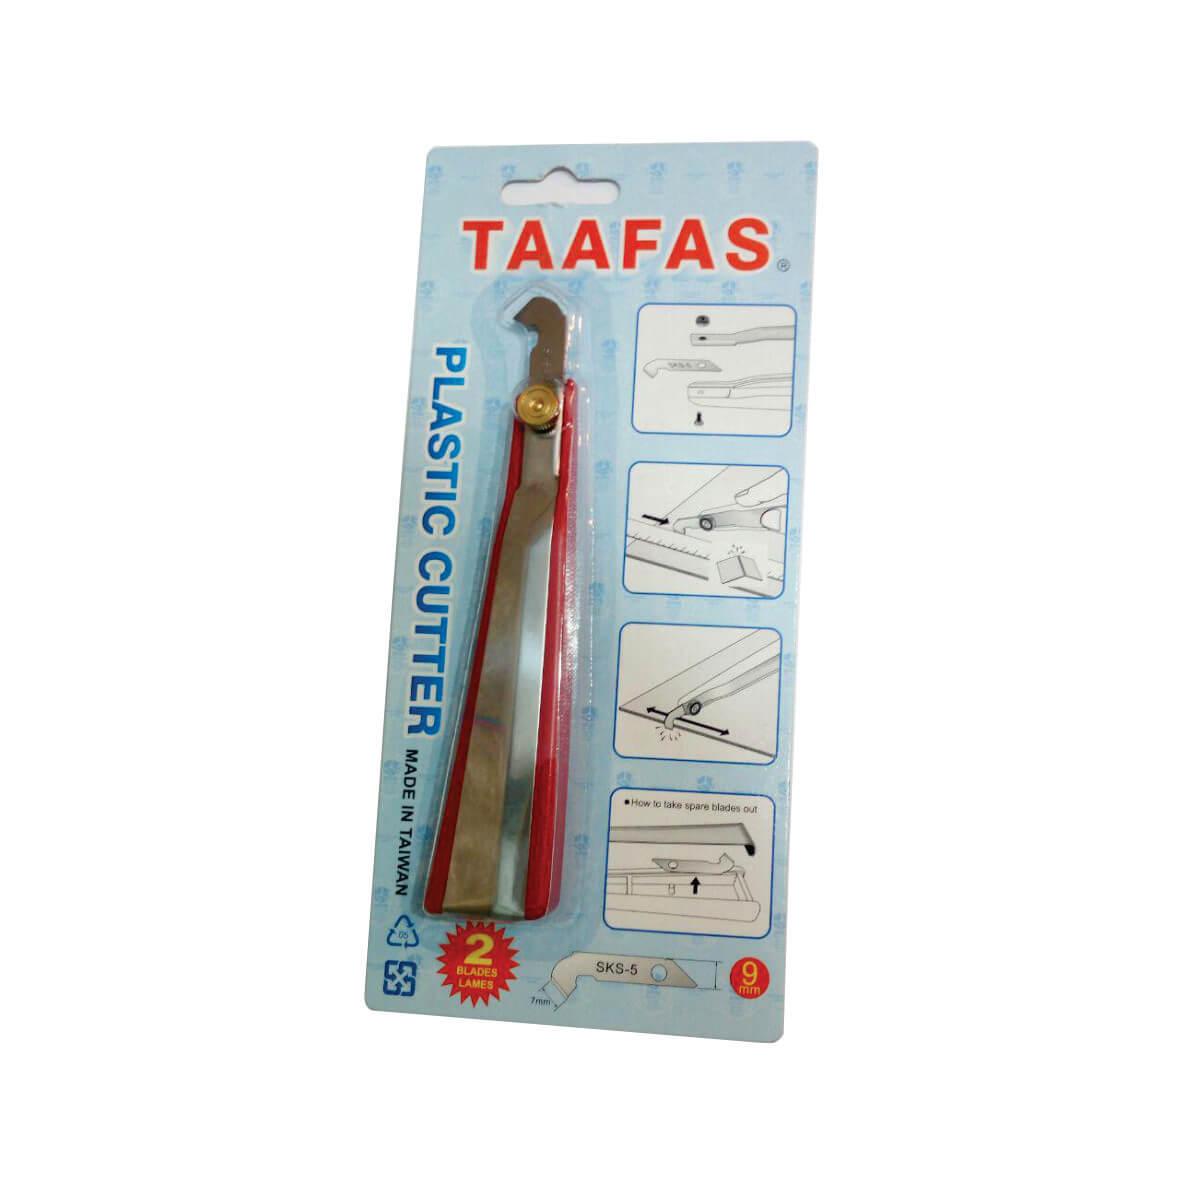 کاتر پلکسی بر مدل TAAFAS